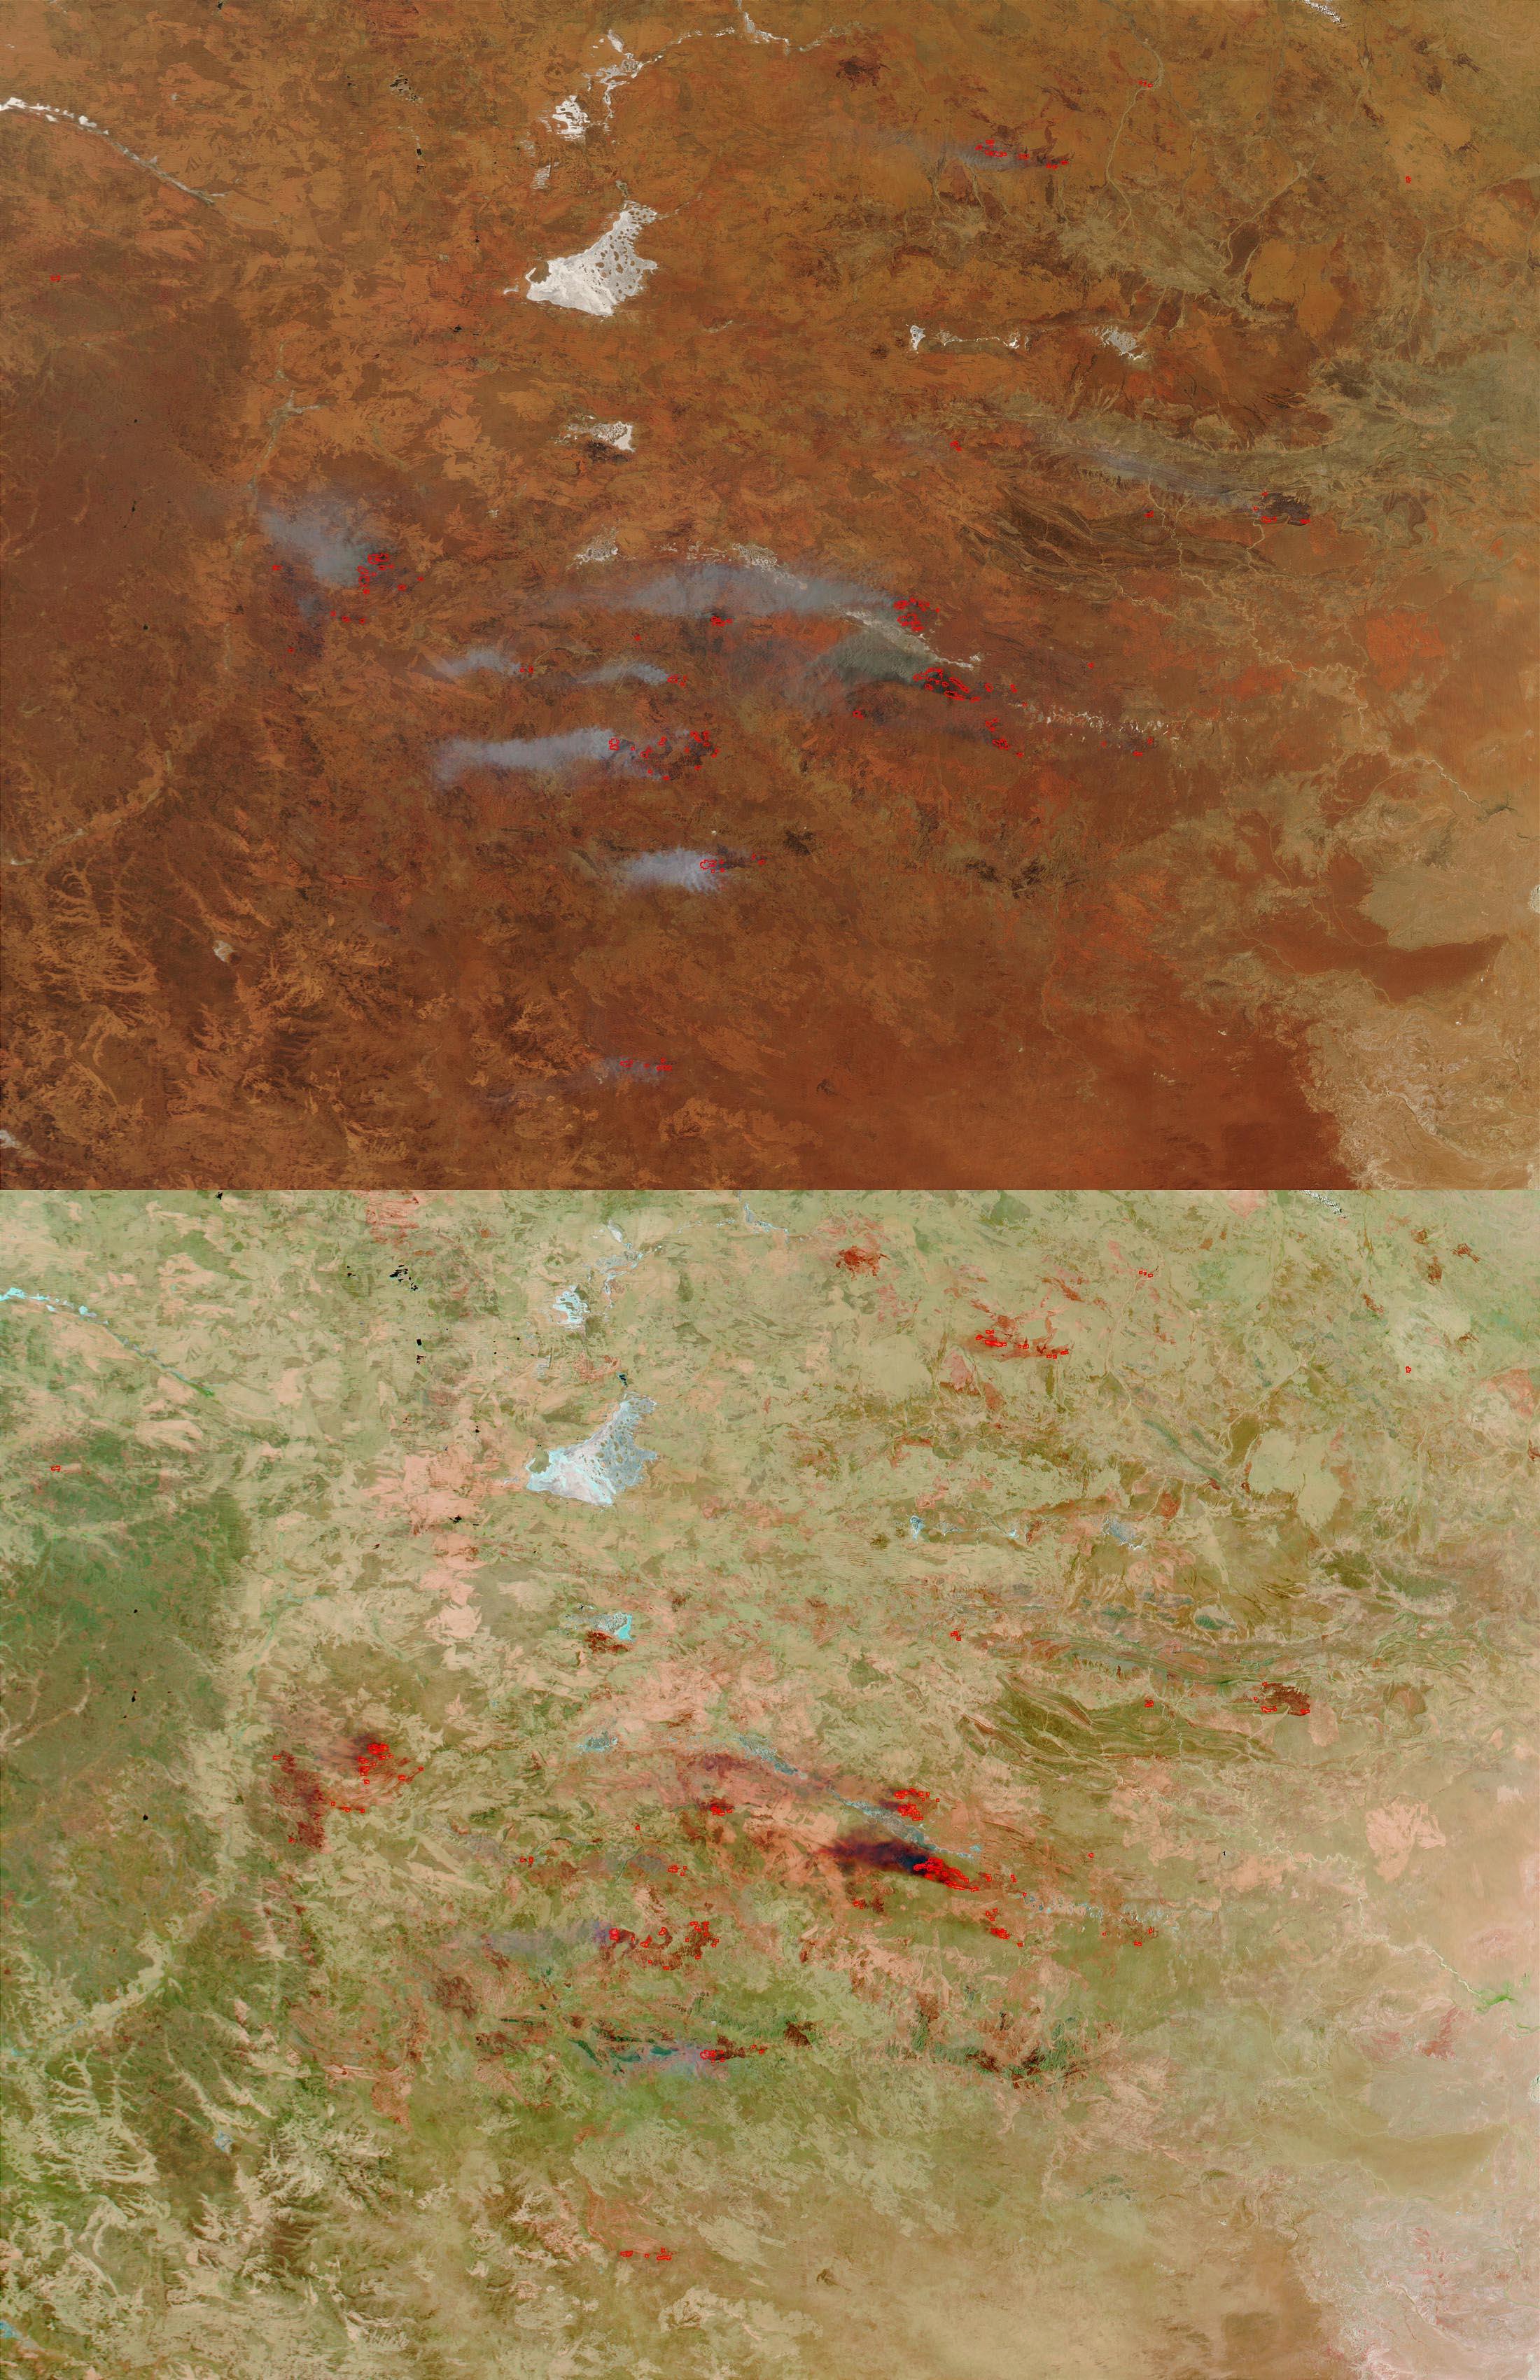 Large Bushfires in Central Australia